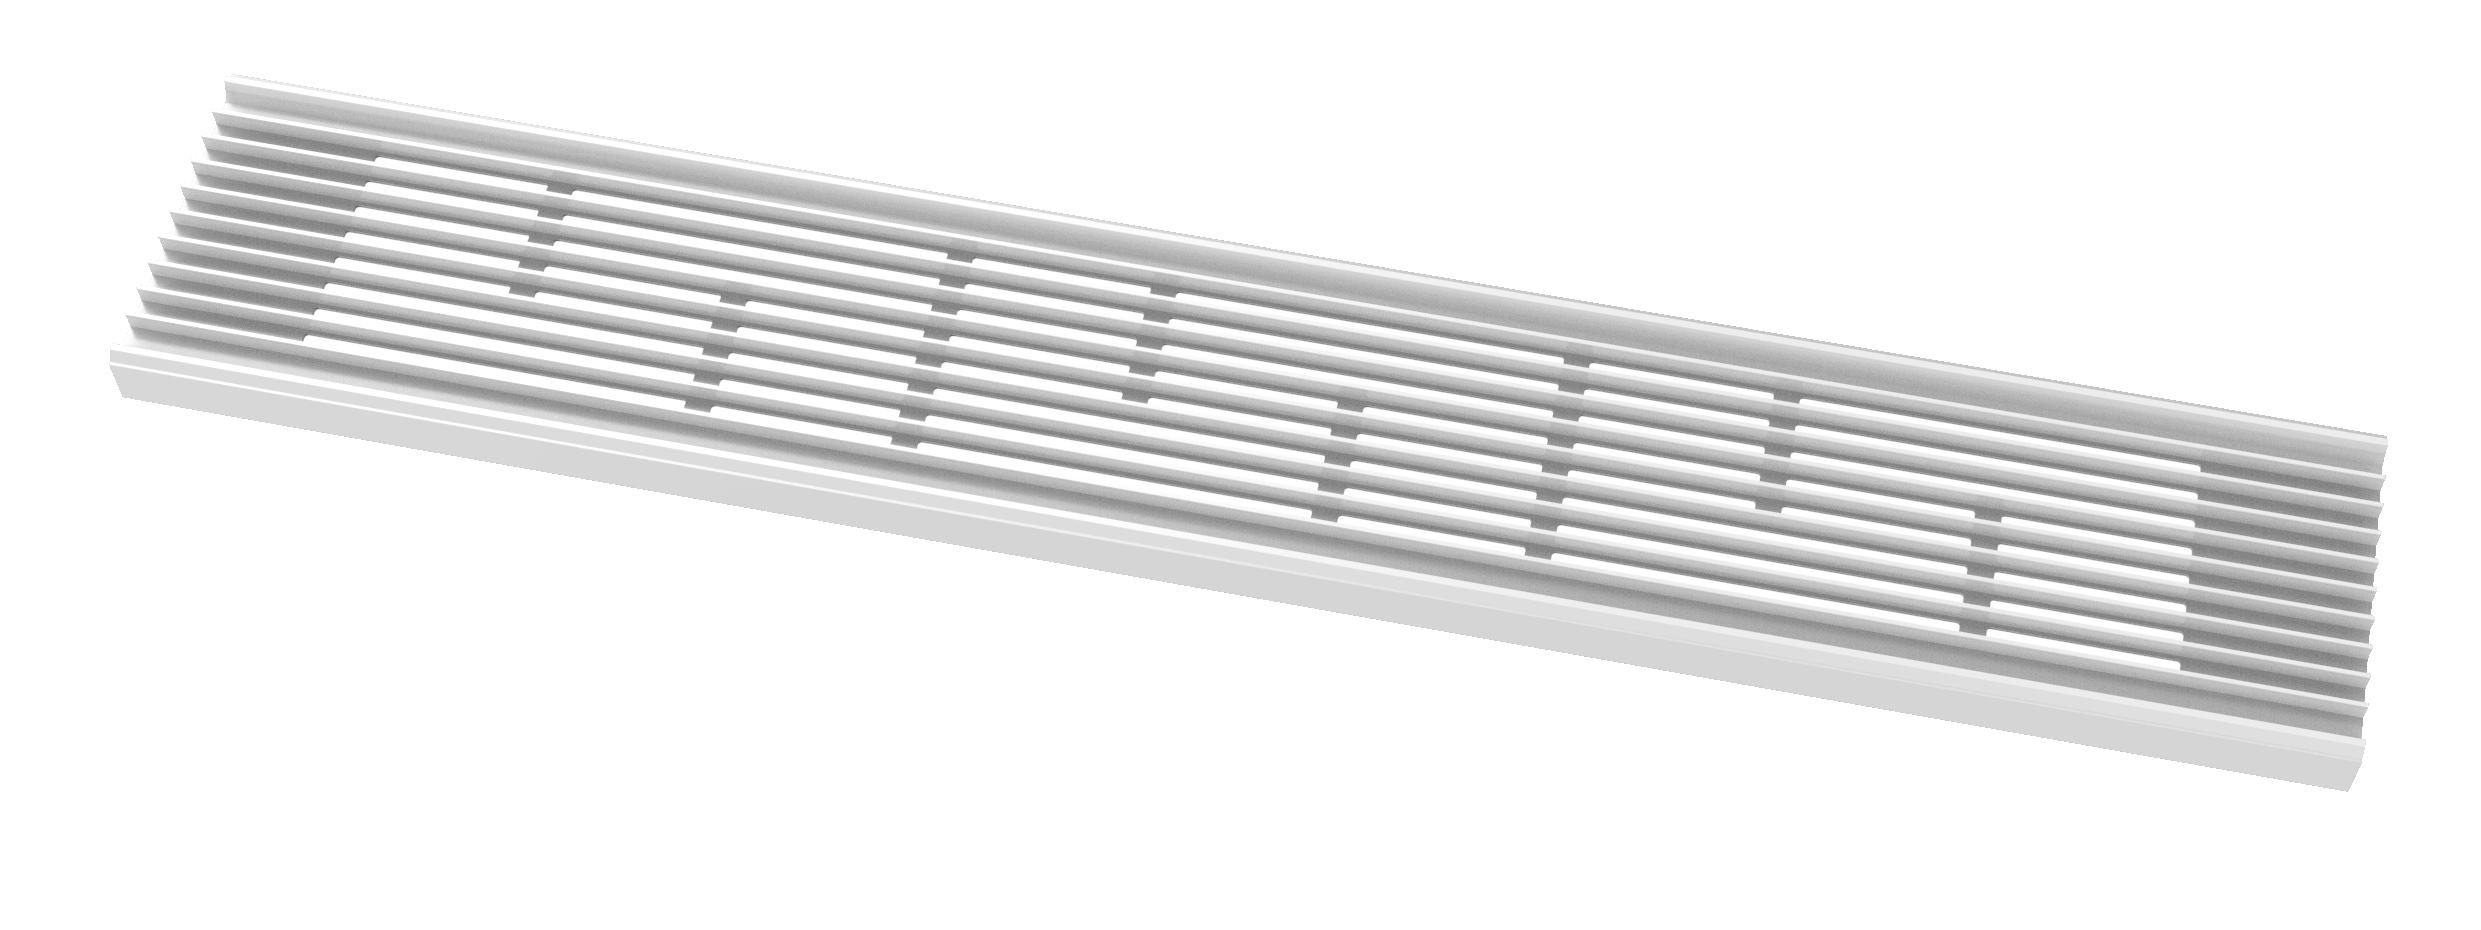 集成吊顶单照明1060格栅灯(时尚白/哑光黑/星空灰)效果图